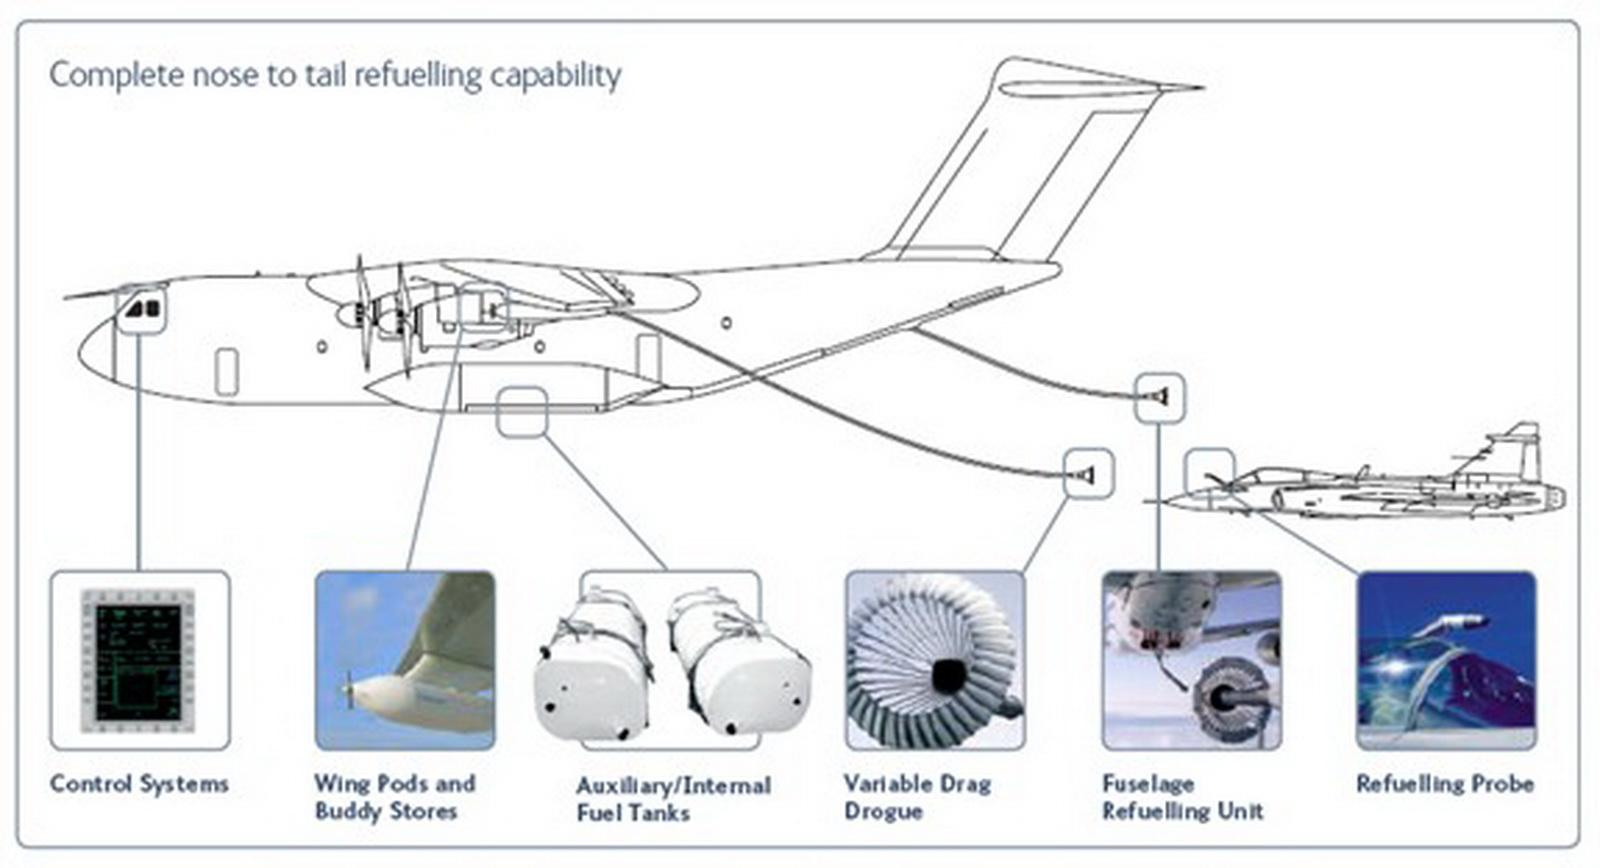 مصر قدمت طلباً للتعاقد على طائرات A400M فى أسرع وقت Airbus-a400m-aar